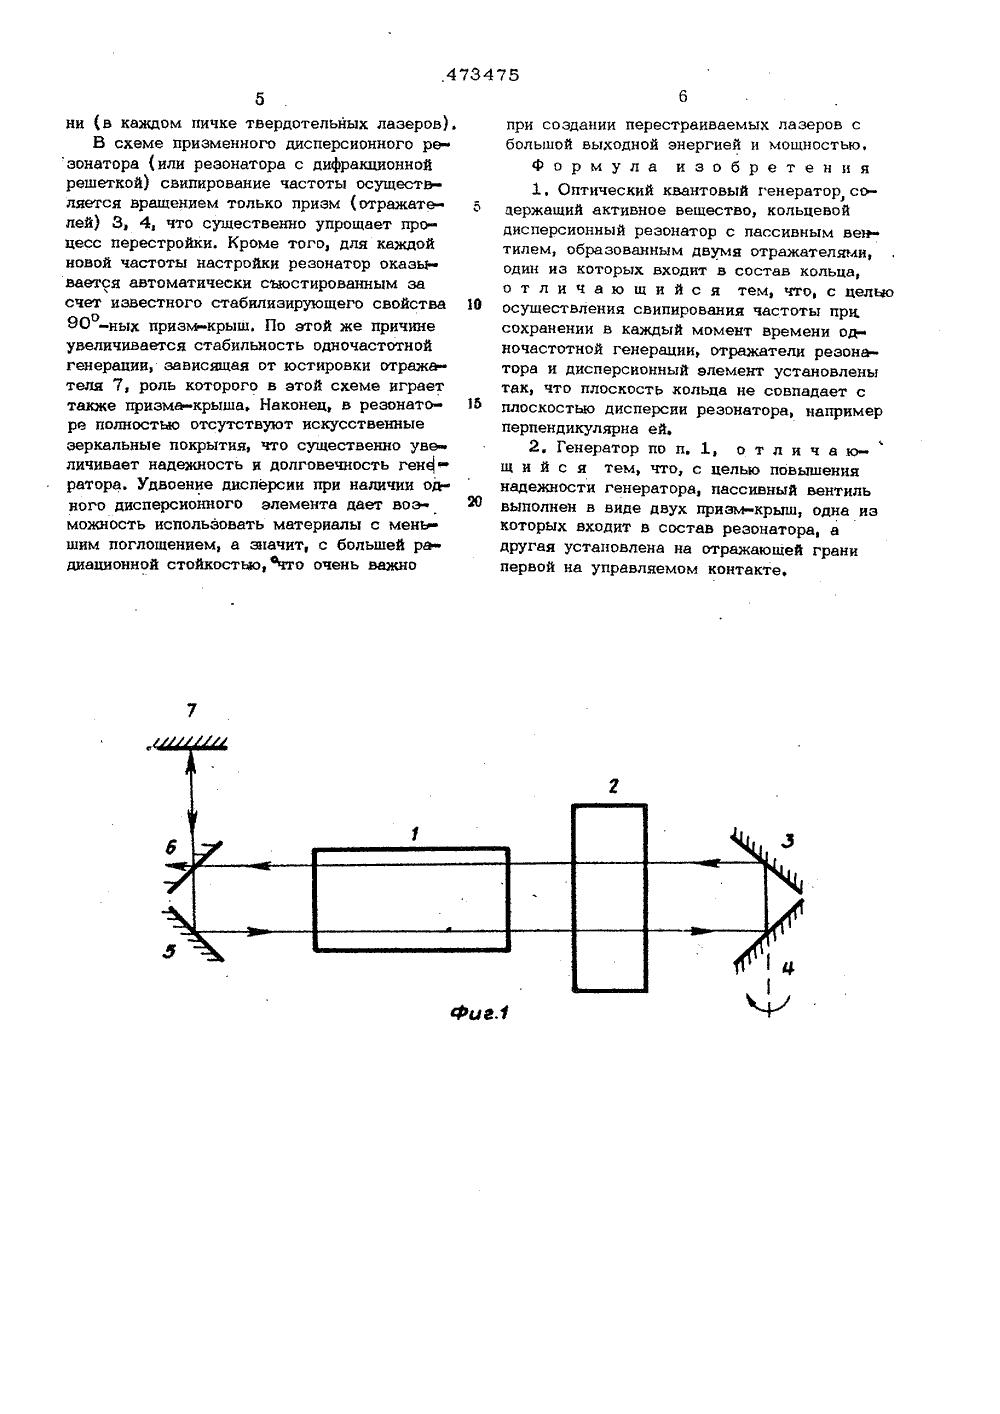 Принцип работы квантового генератора.